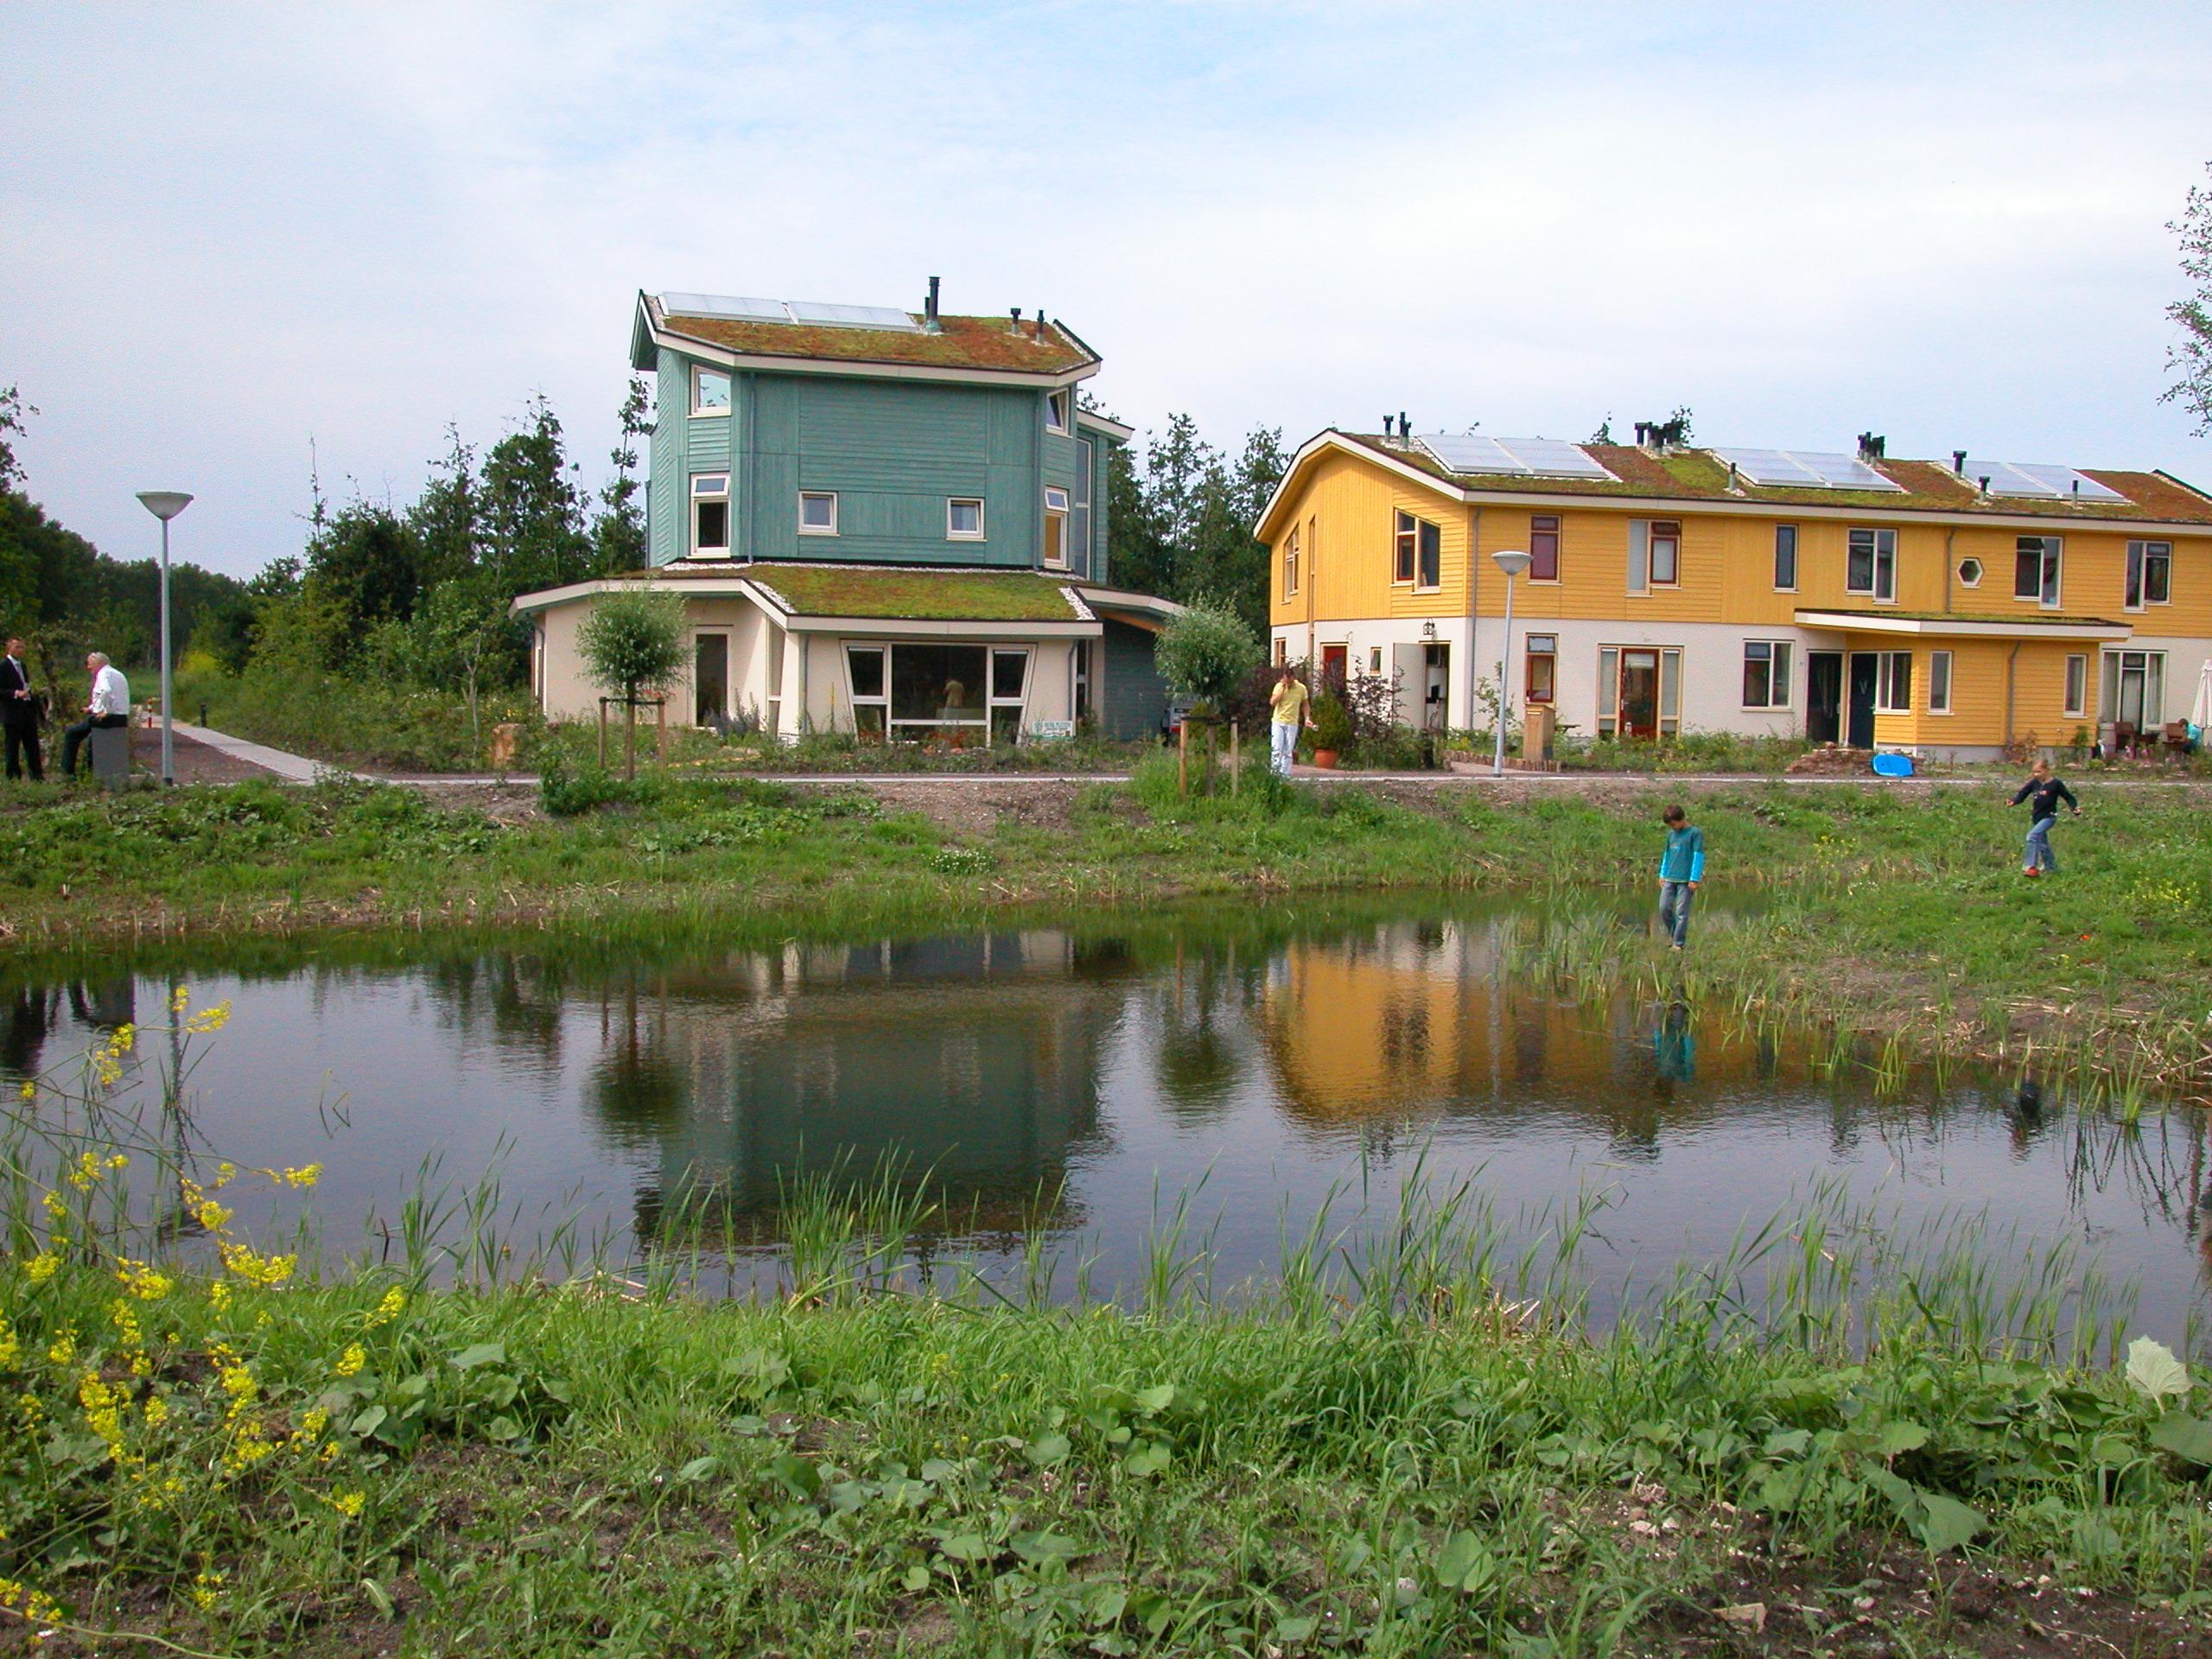 CPO collectief particulier opdrachtgeverschap De Buitenkans Almere 54 woningen